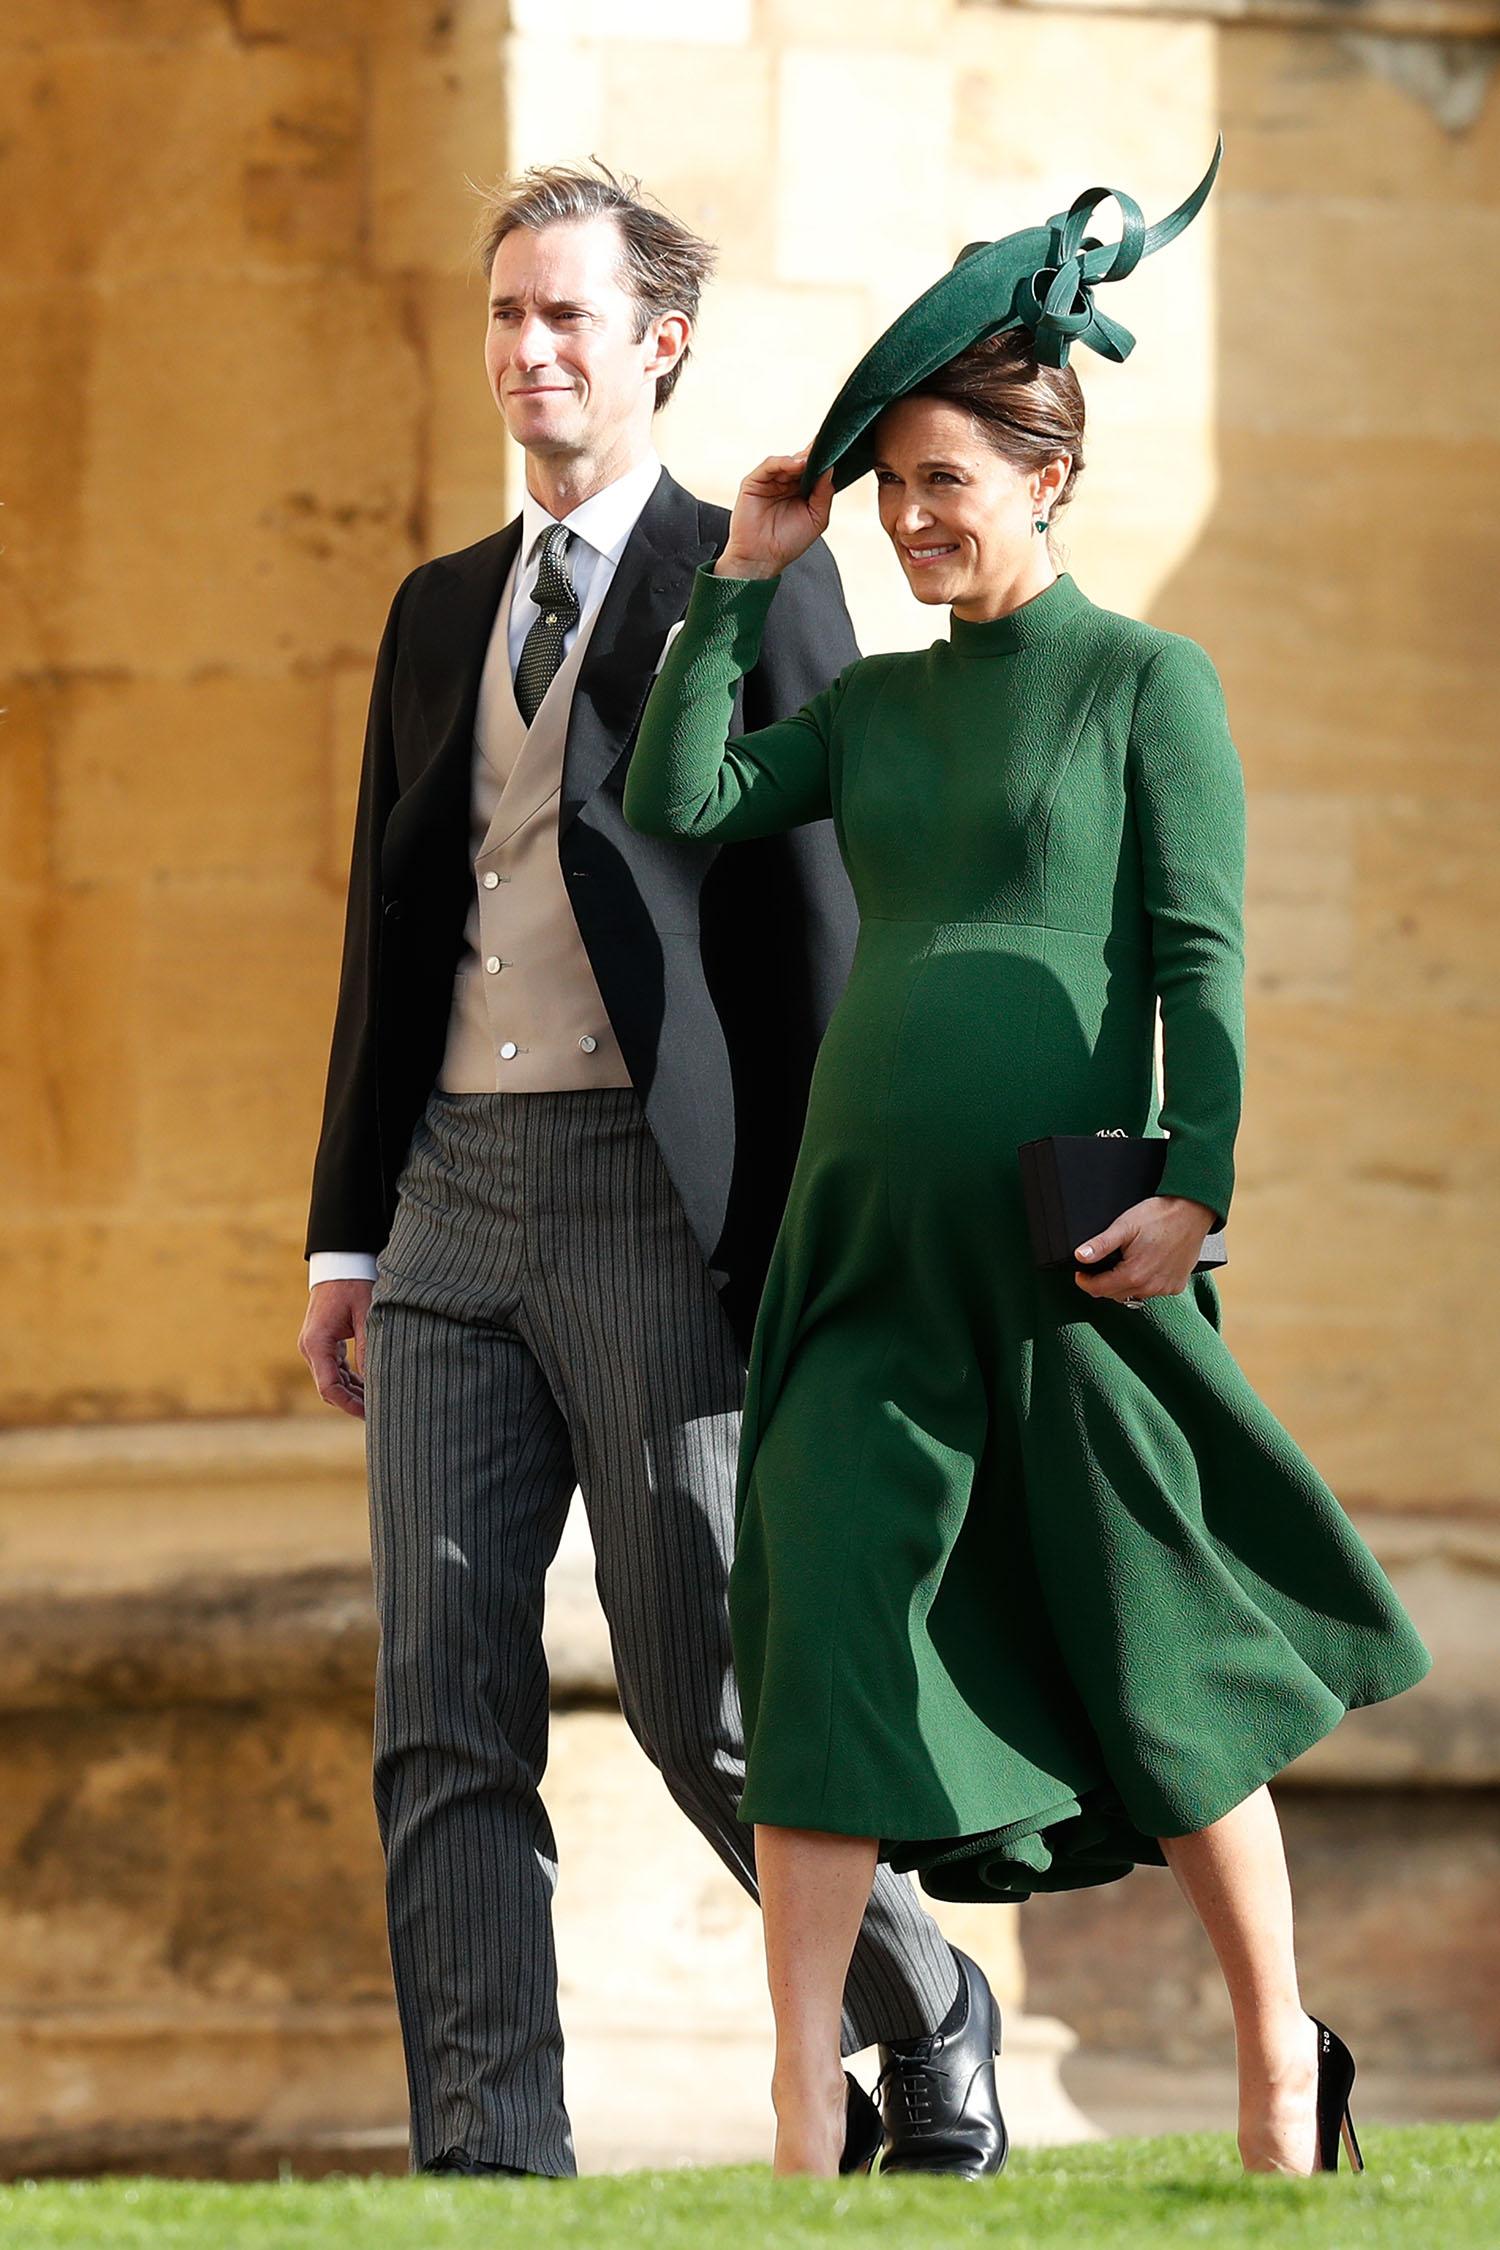 Артър Сестрата на херцогиня Катрин - Пипа Мидълтън, стана мама за първи път на 15-ти октомври. Бебето е момче и носи кралското име Артър Майкъл Уилям.